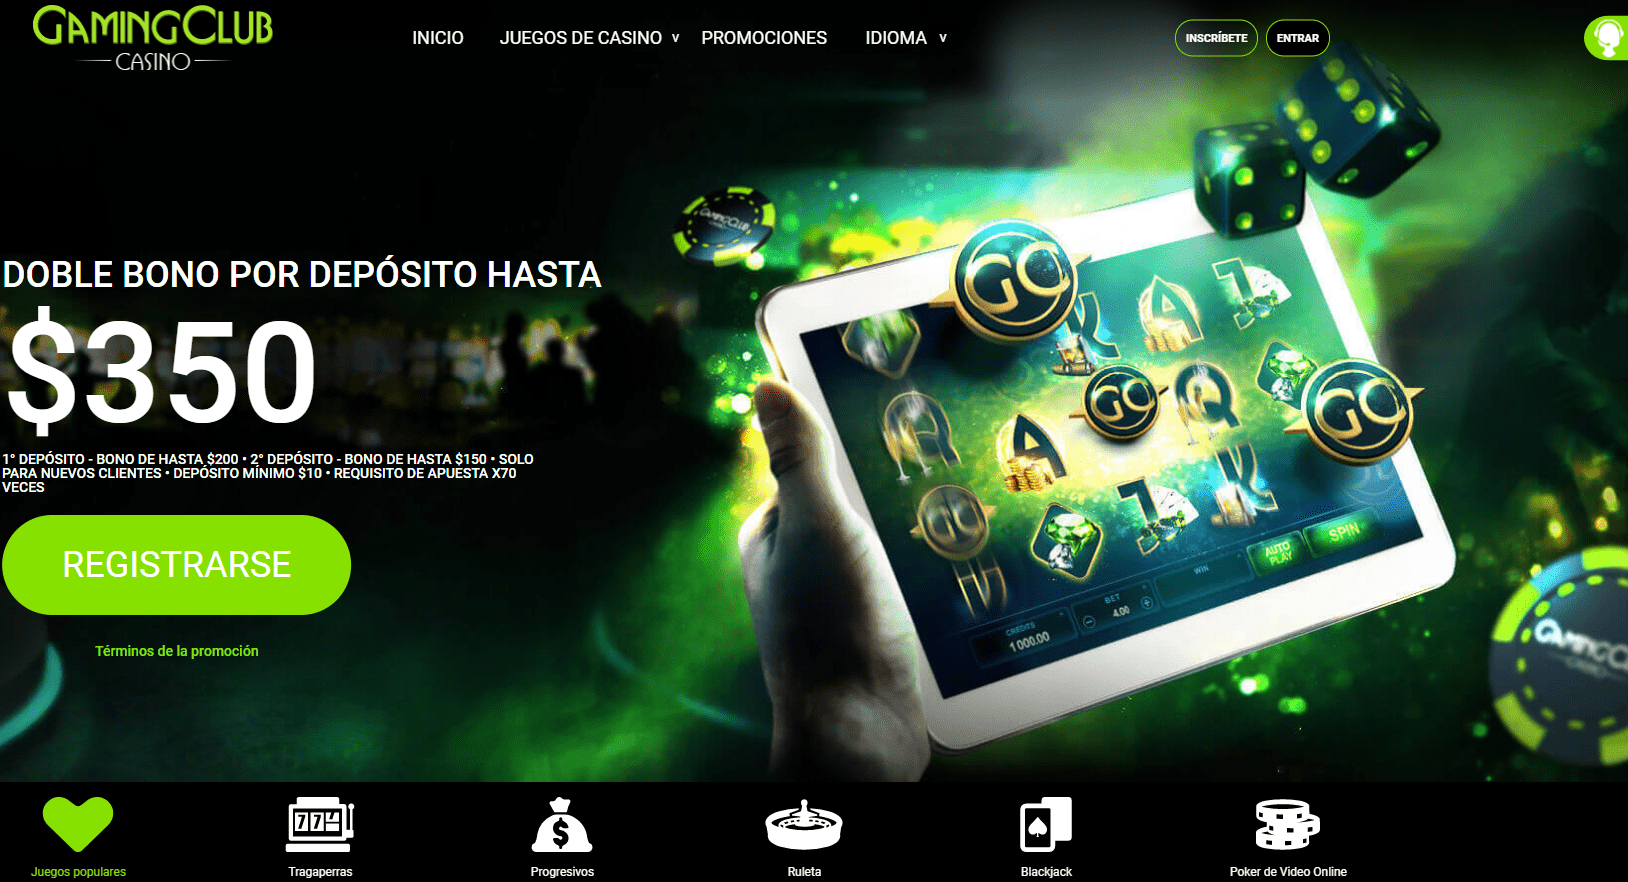 Gaming Club Casino Promociones